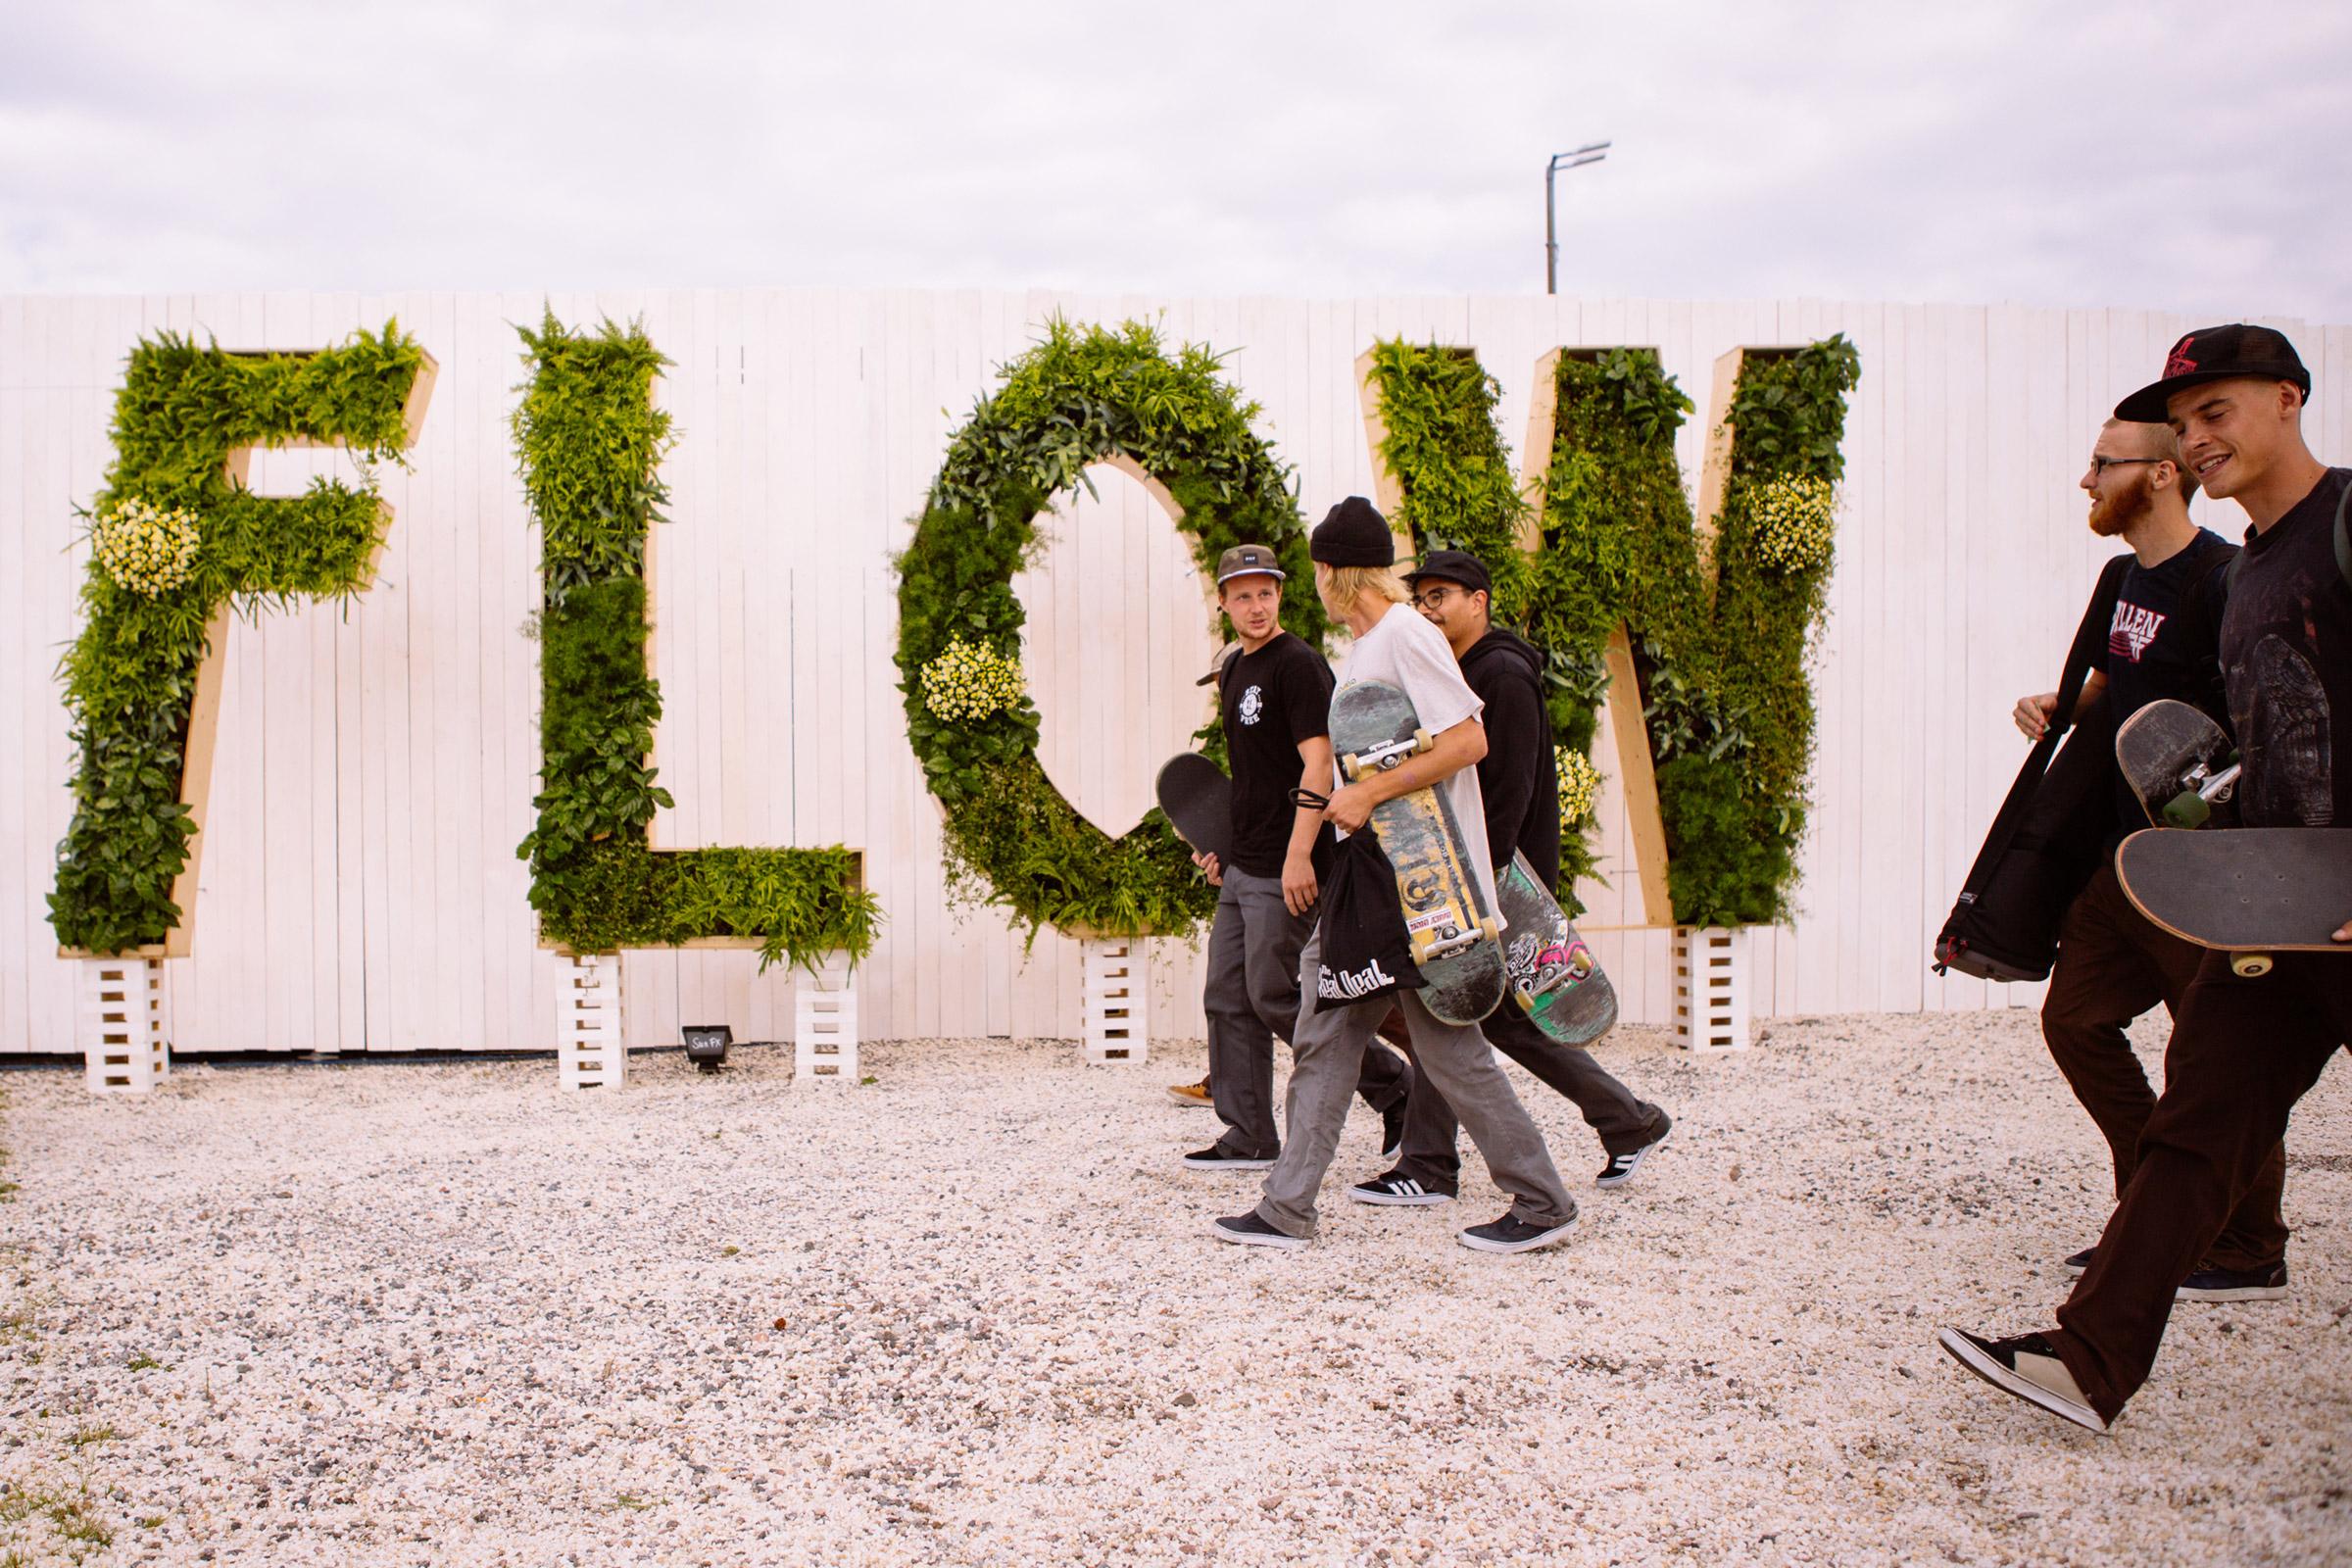 Living Flow art piece at Flow Festival 2013